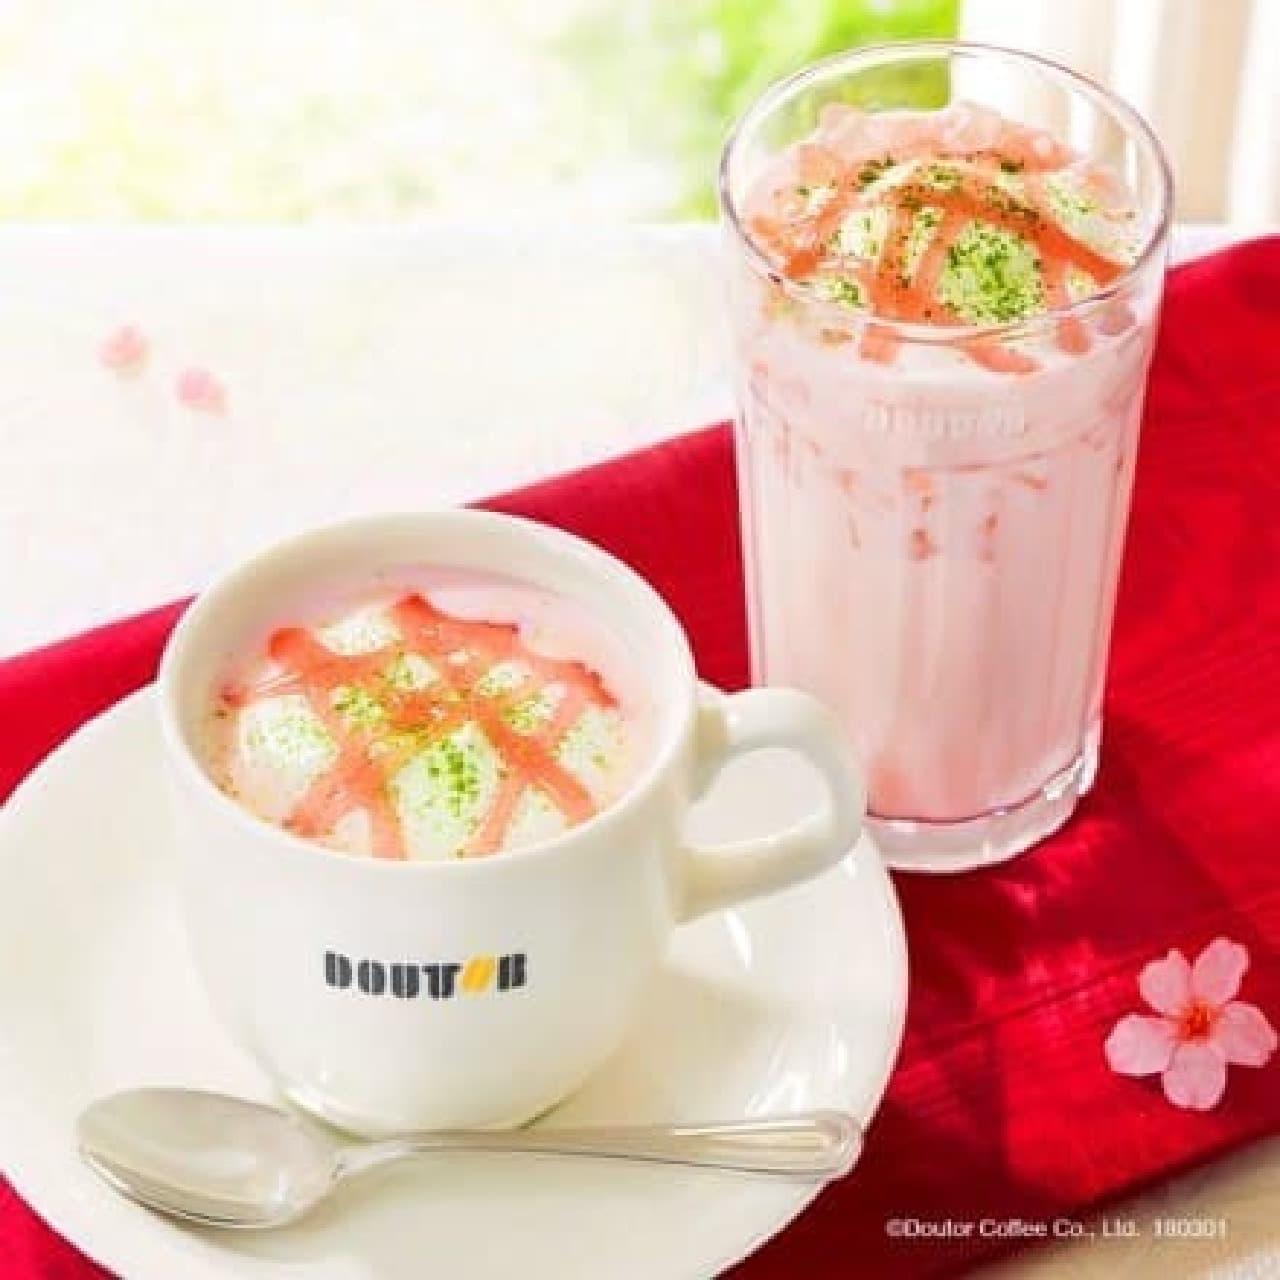 ドトールコーヒー「桜香る ホワイトショコラ・ラテ」